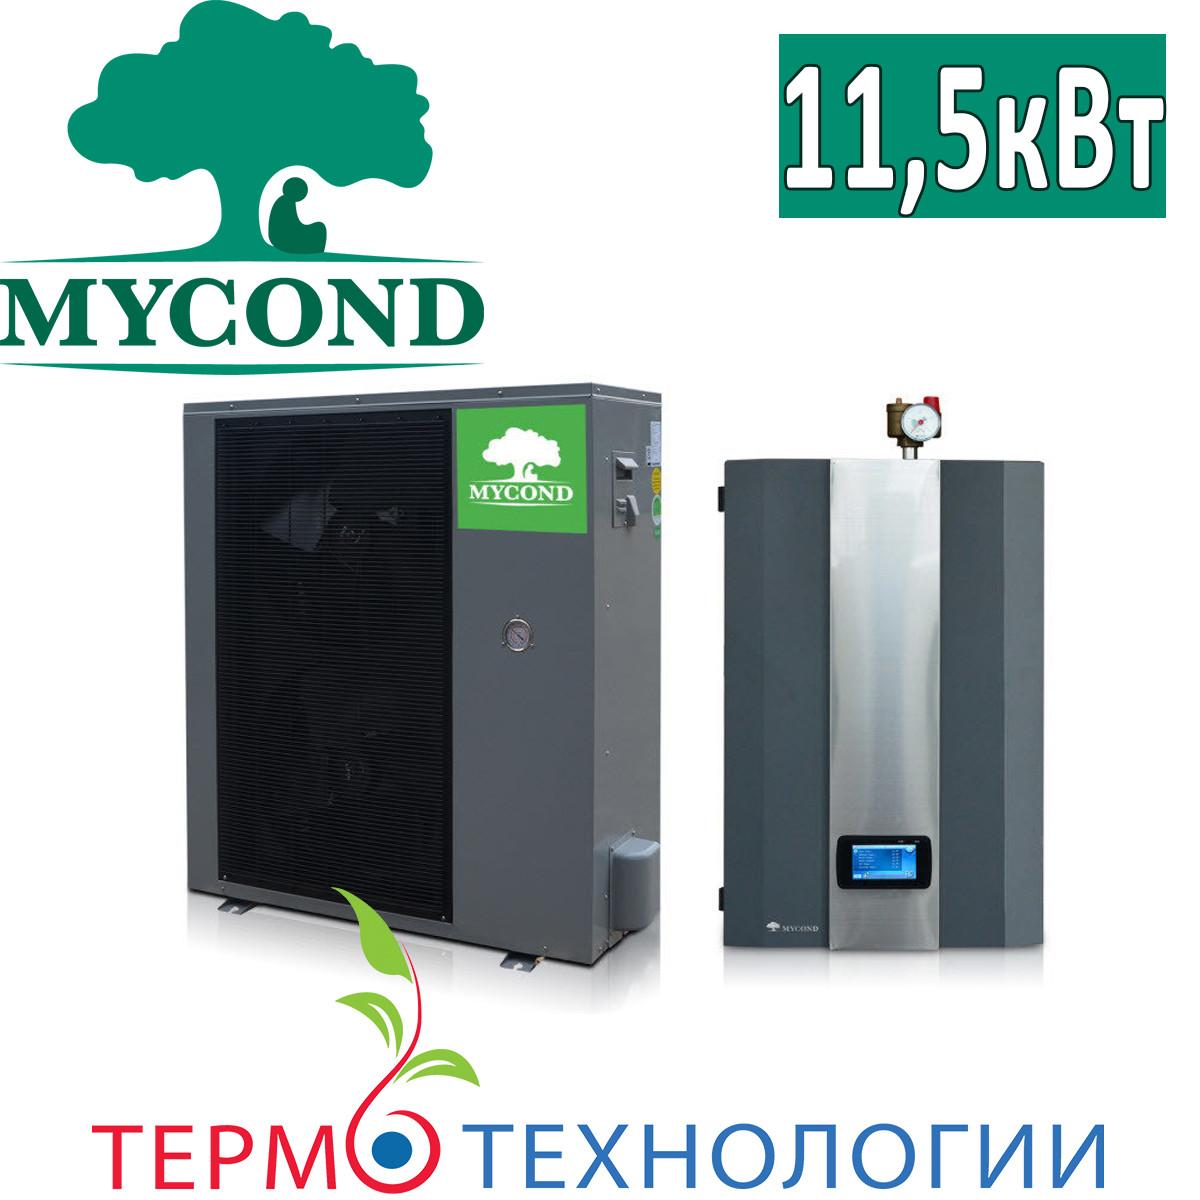 Тепловой насос воздух-вода MYCOND 11,5 кВт